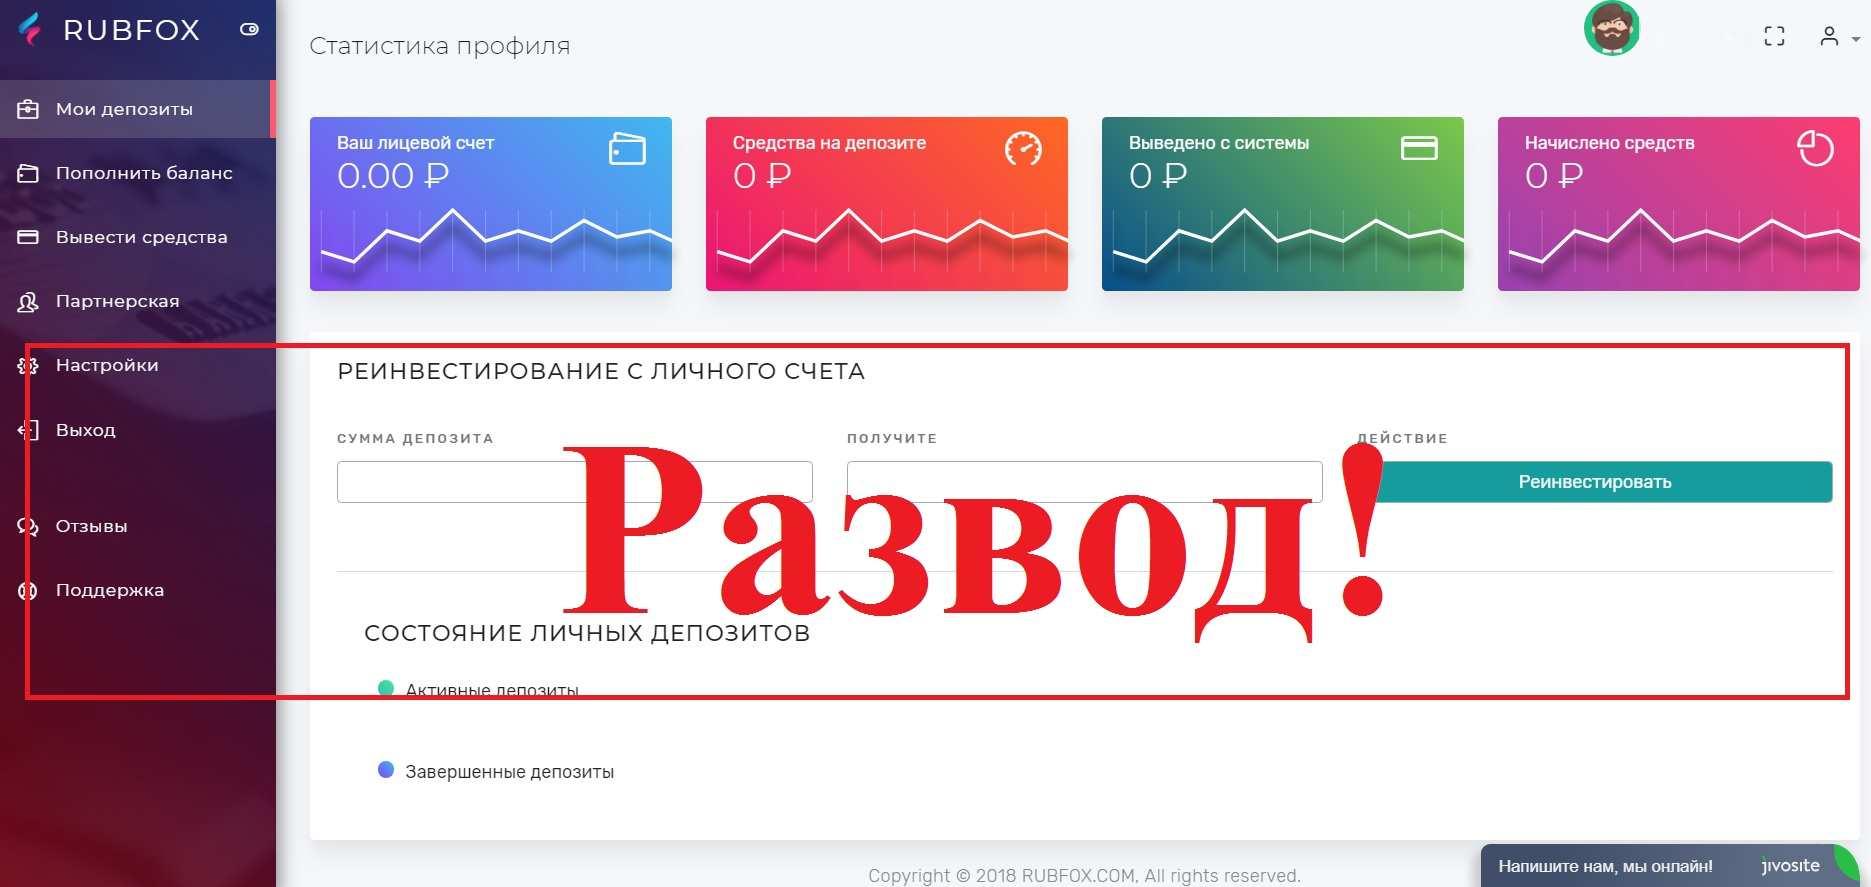 RubFox – отзывы и обзор rubfox.com